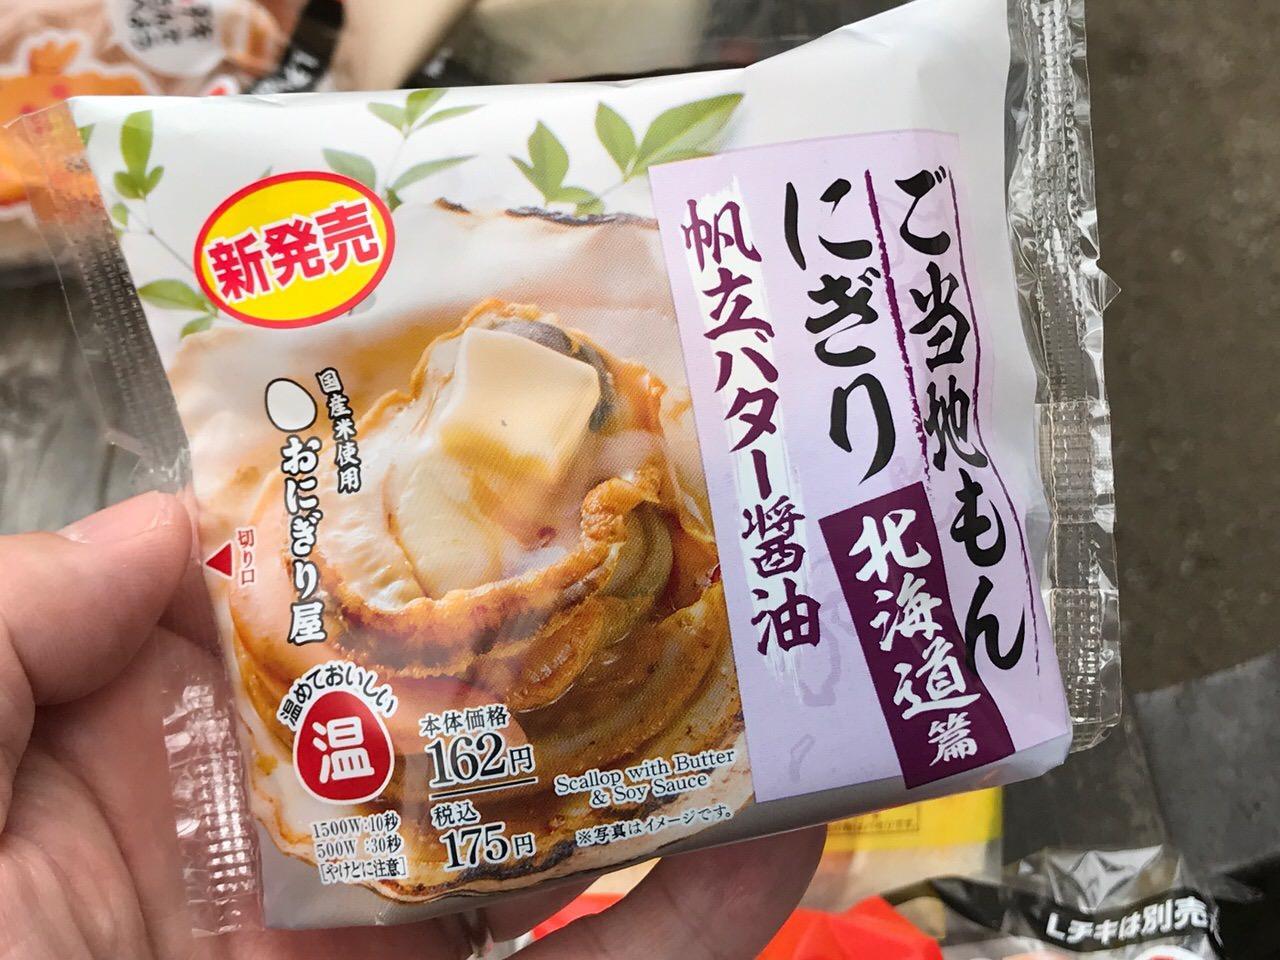 帆立バター醤油のおにぎりが美味しくないはずがない「ご当地もんにぎり北海道編 帆立バター醤油」